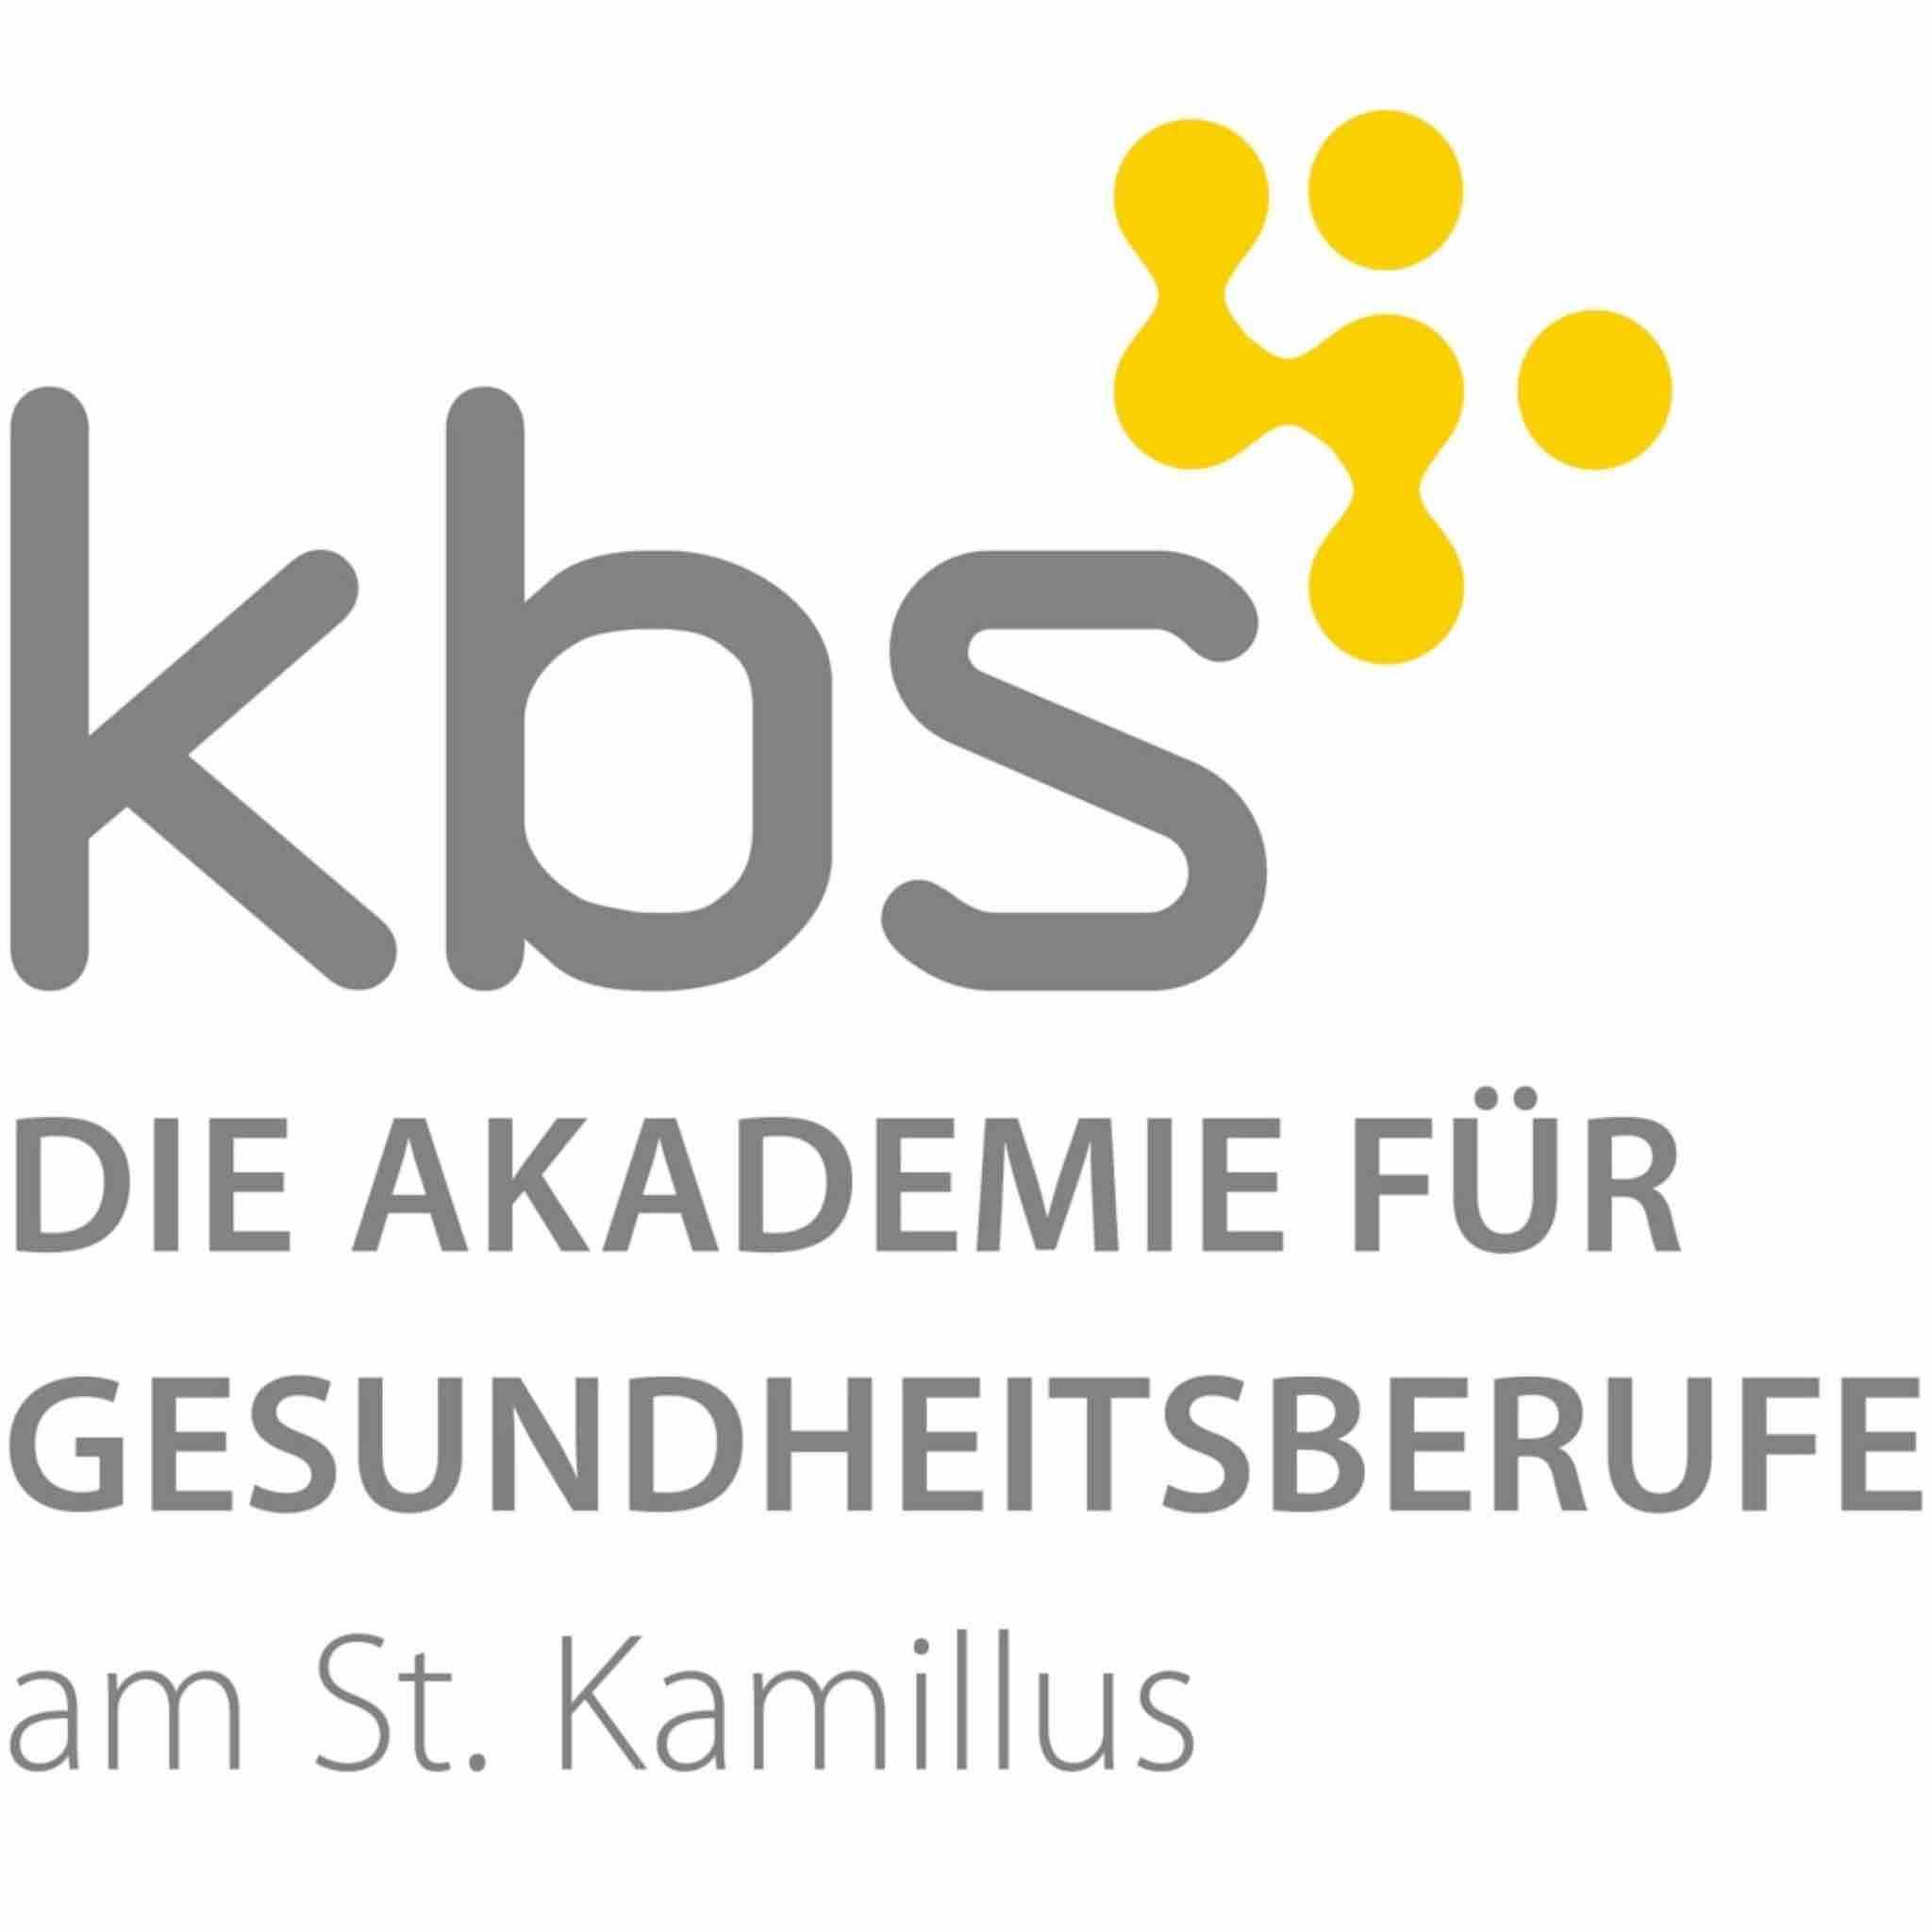 Logo der Kos Akademie für Gesundheitsberufe am St. Kamillus